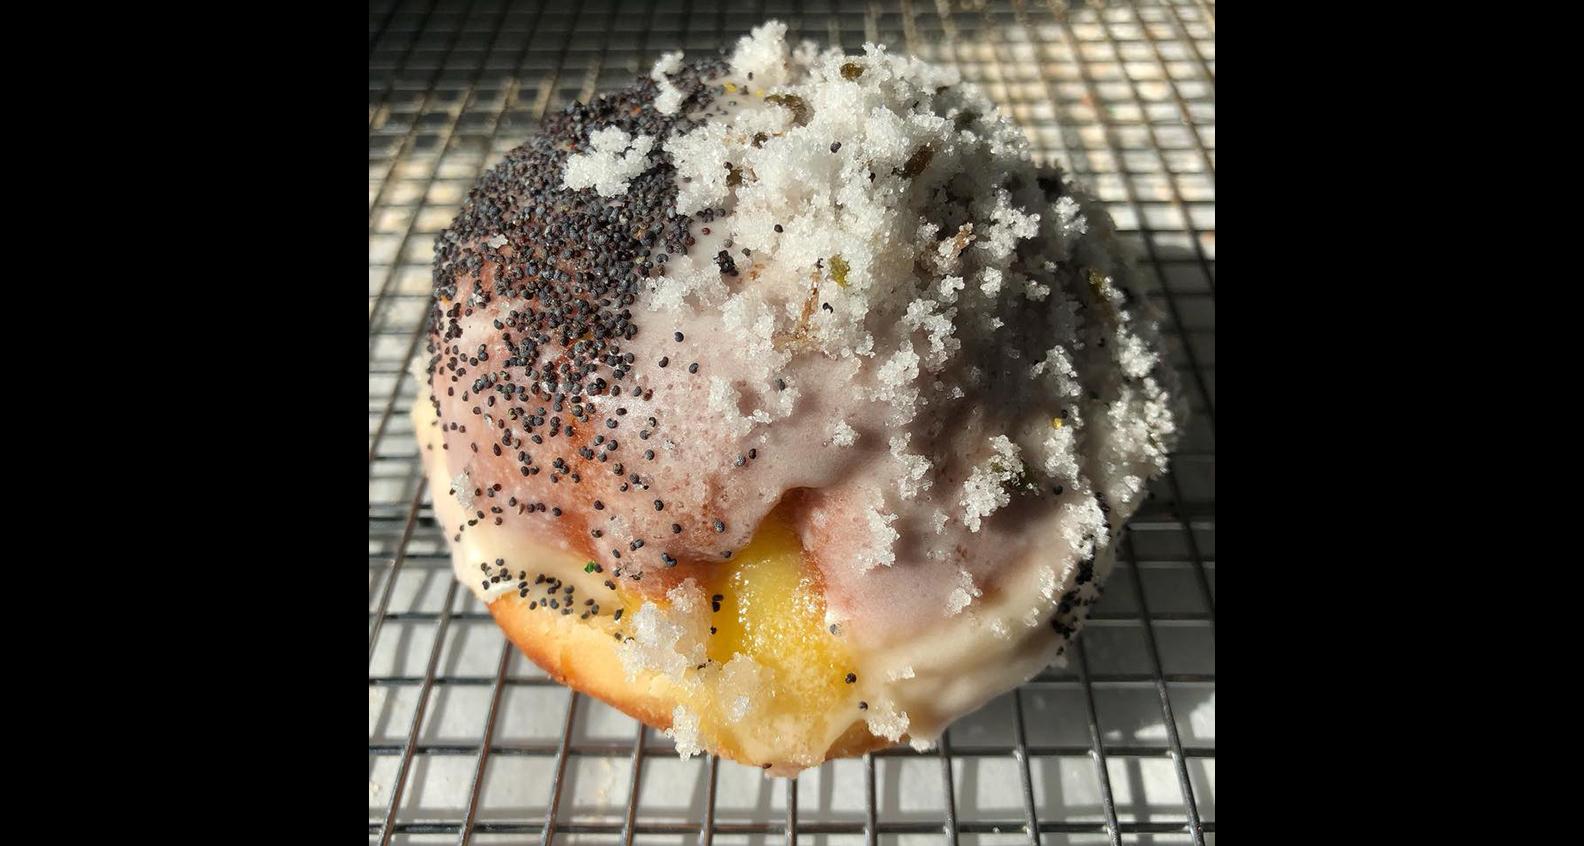 Lemon and lavender doughnut